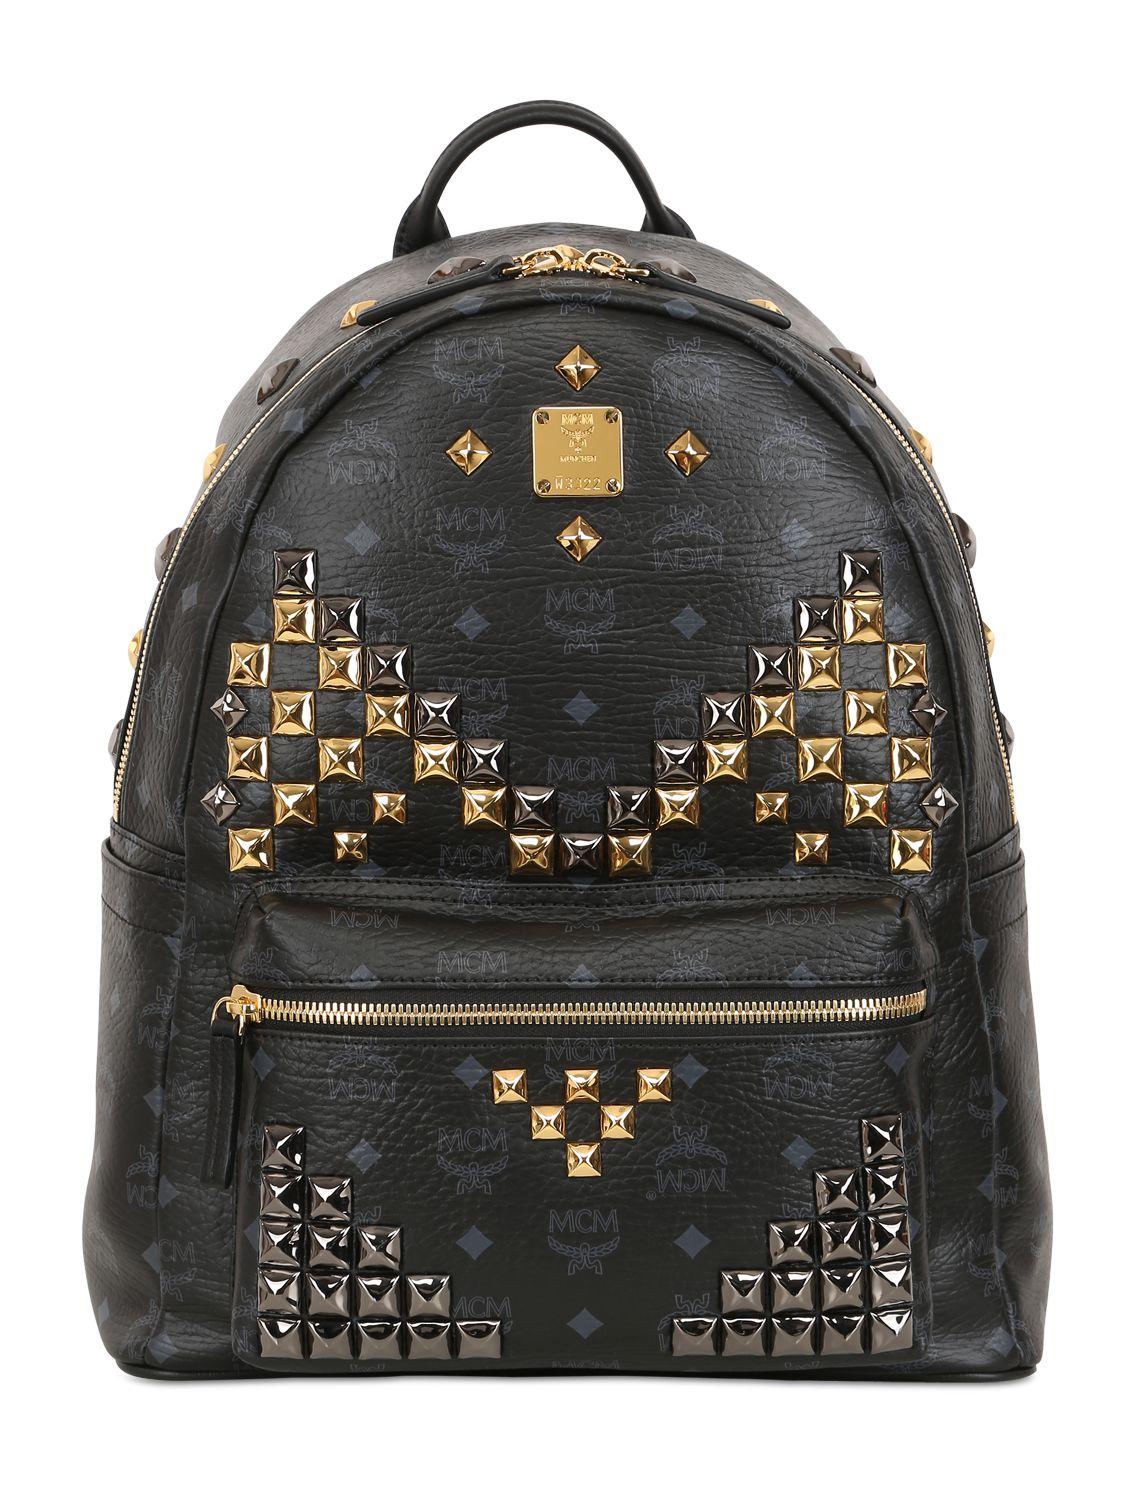 mcm medium stark studded backpack in black lyst. Black Bedroom Furniture Sets. Home Design Ideas